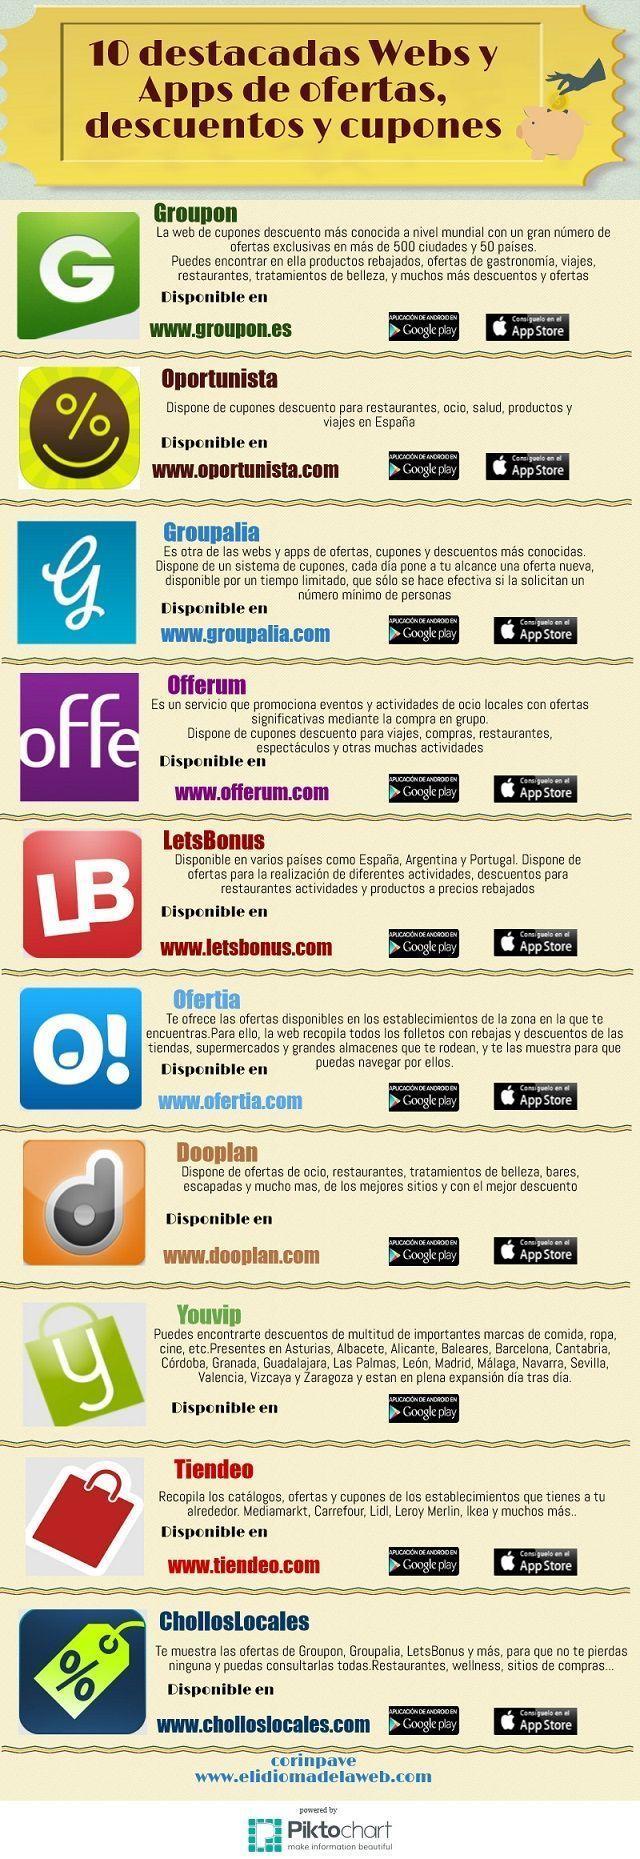 10 destacadas webs y apps de ofertas, descuentos y cupones